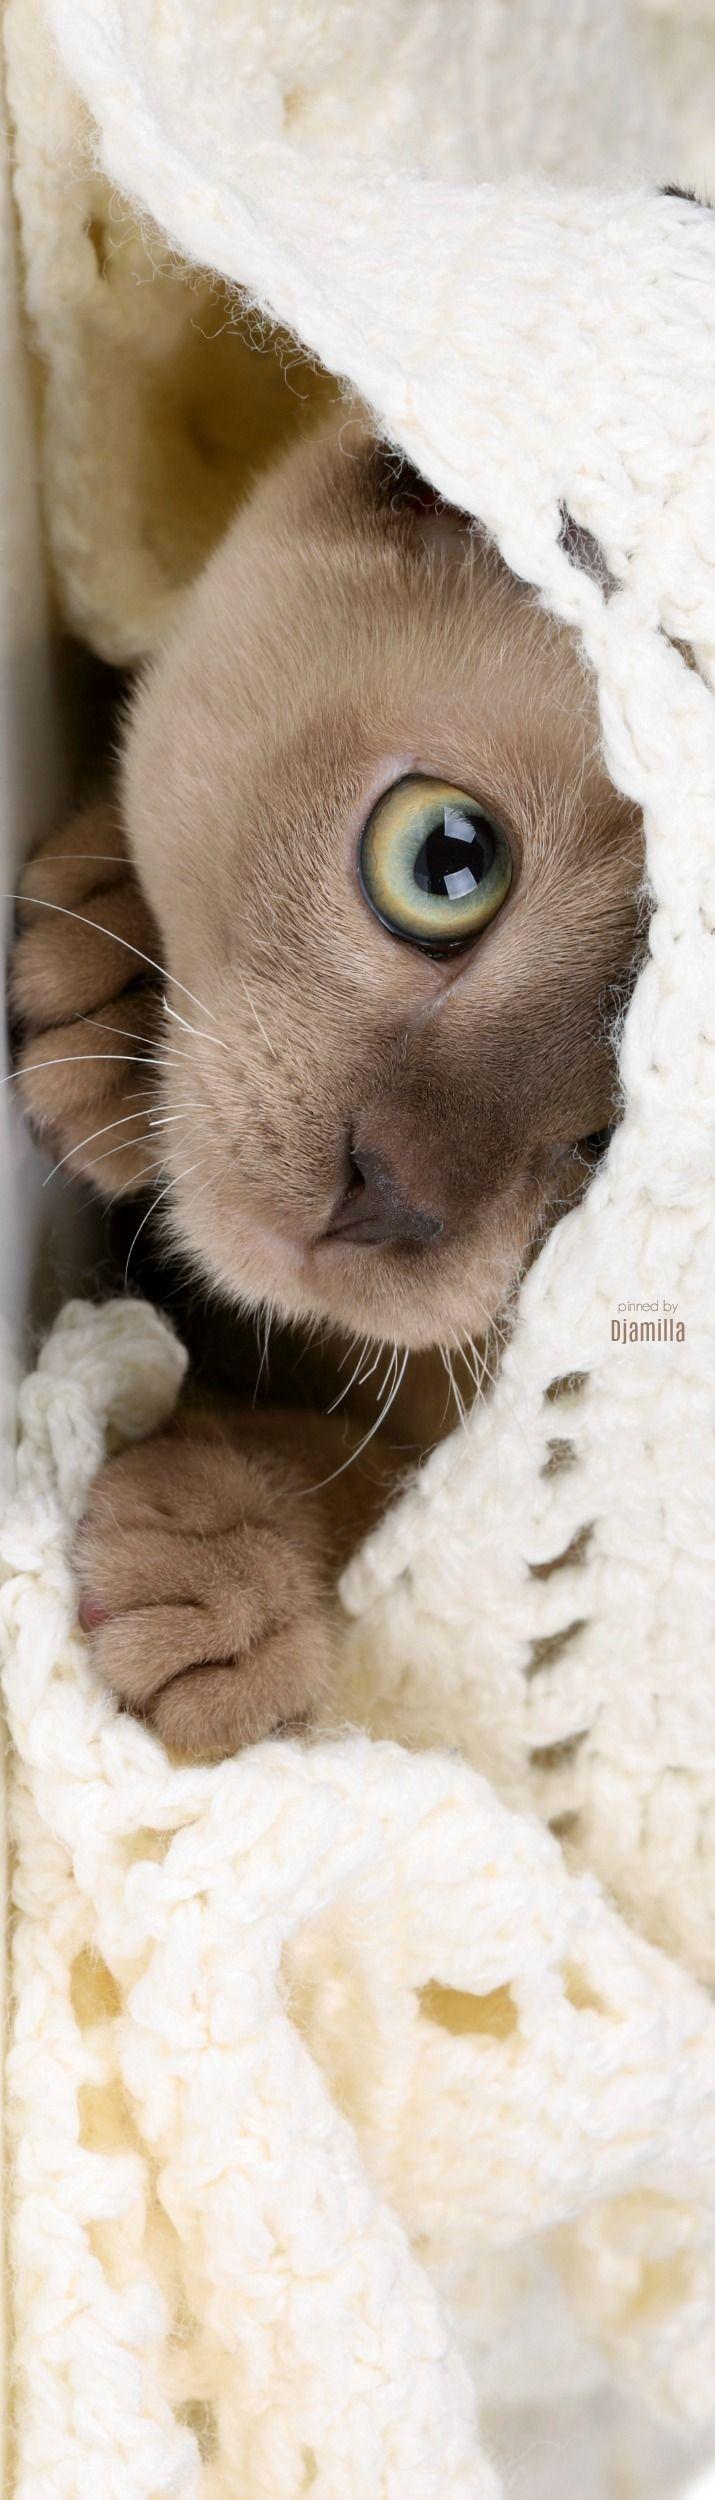 Pinterest Xocvy Burmese Kittens Cute Animals Kittens Cutest